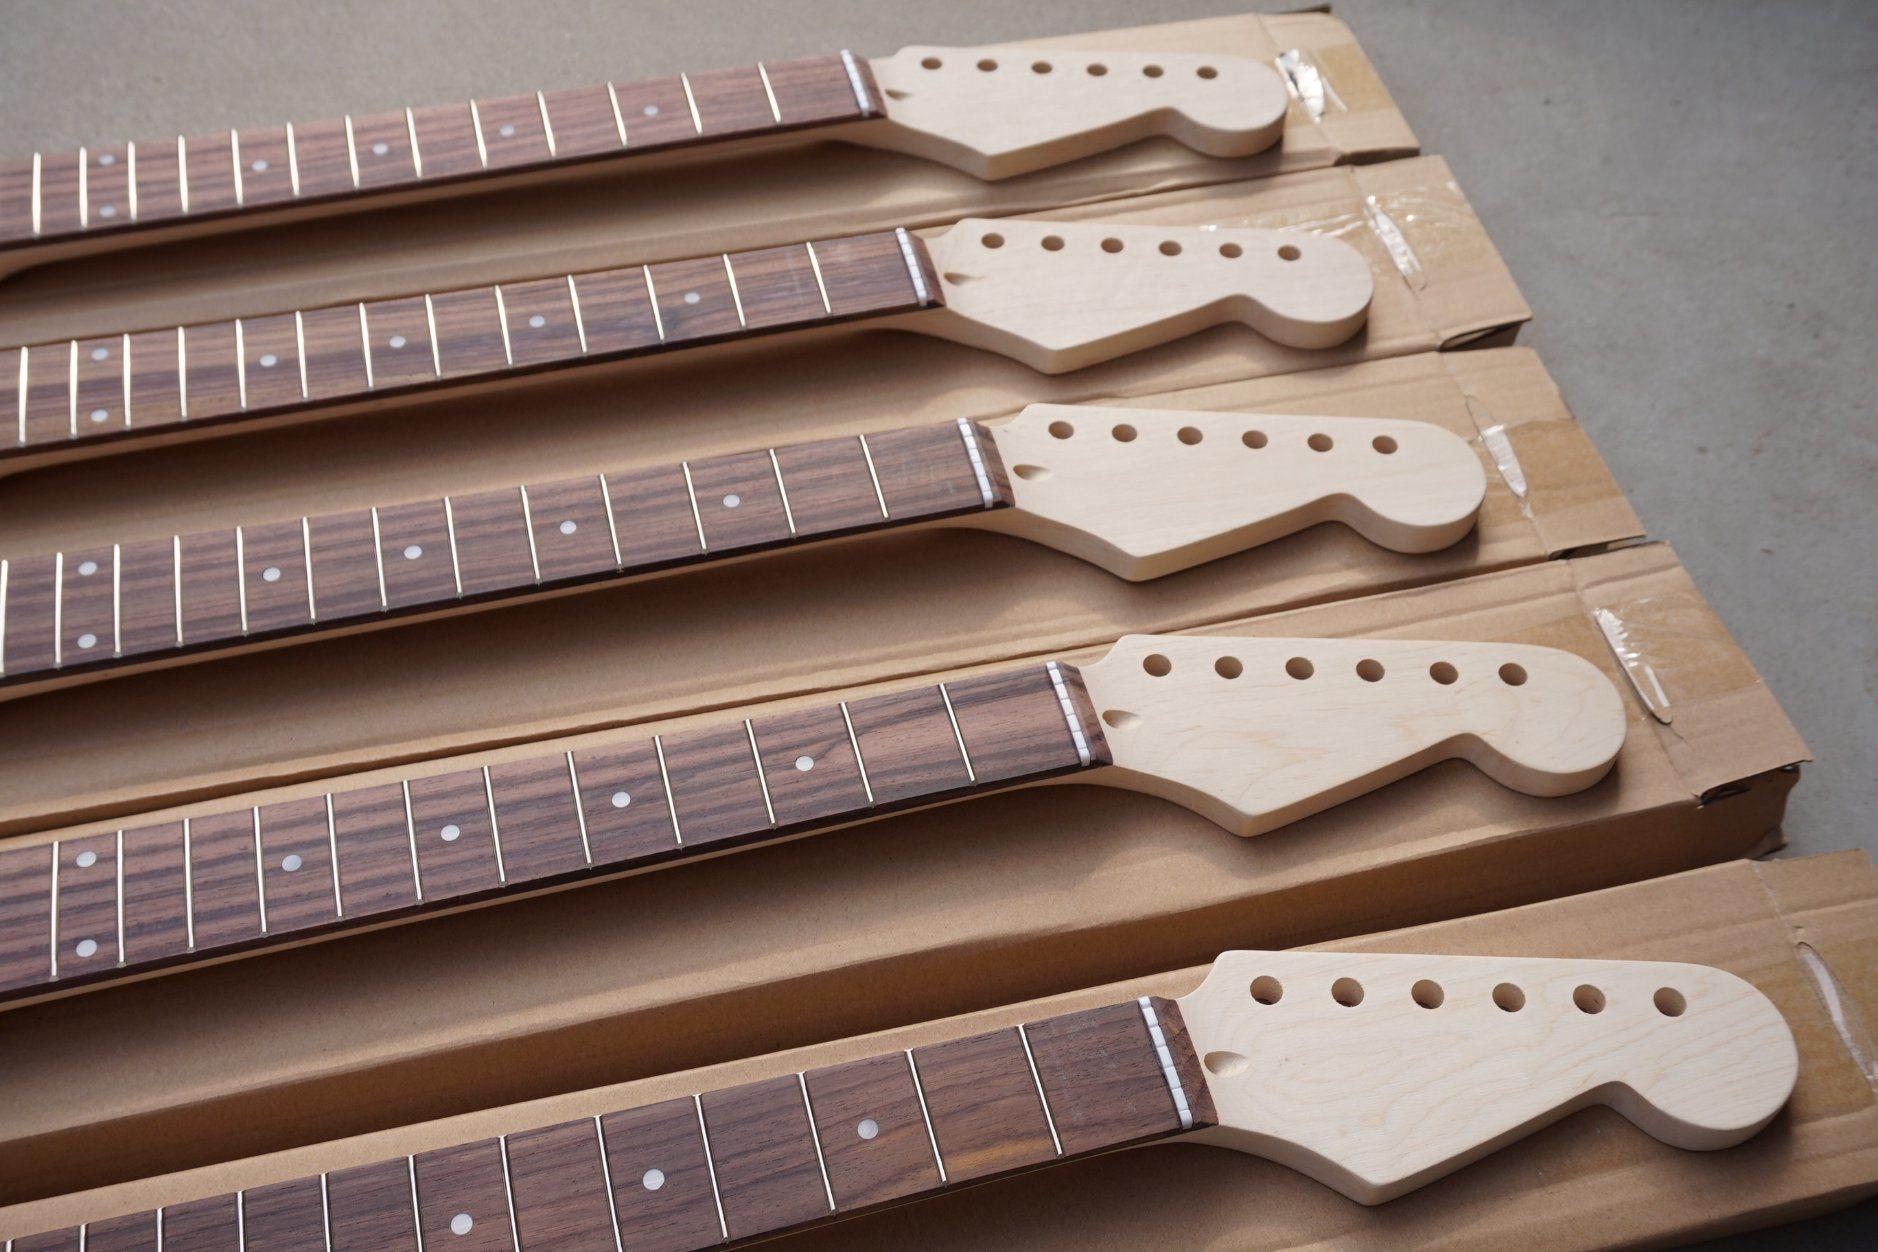 China Aiersi Electric Guitar Parts Neck Photos